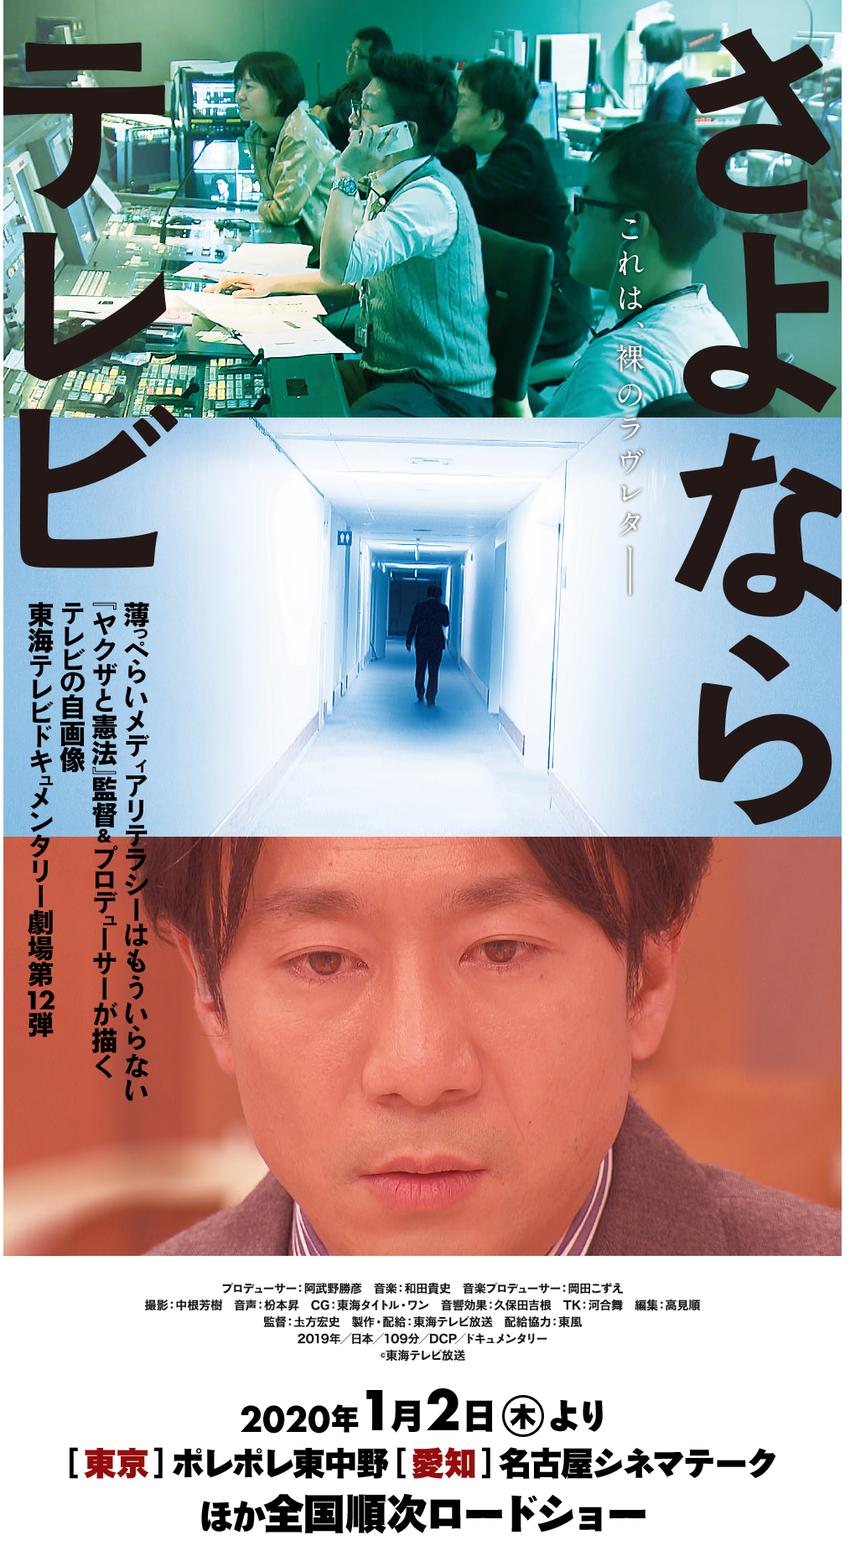 映画『さよならテレビ』公式サイト